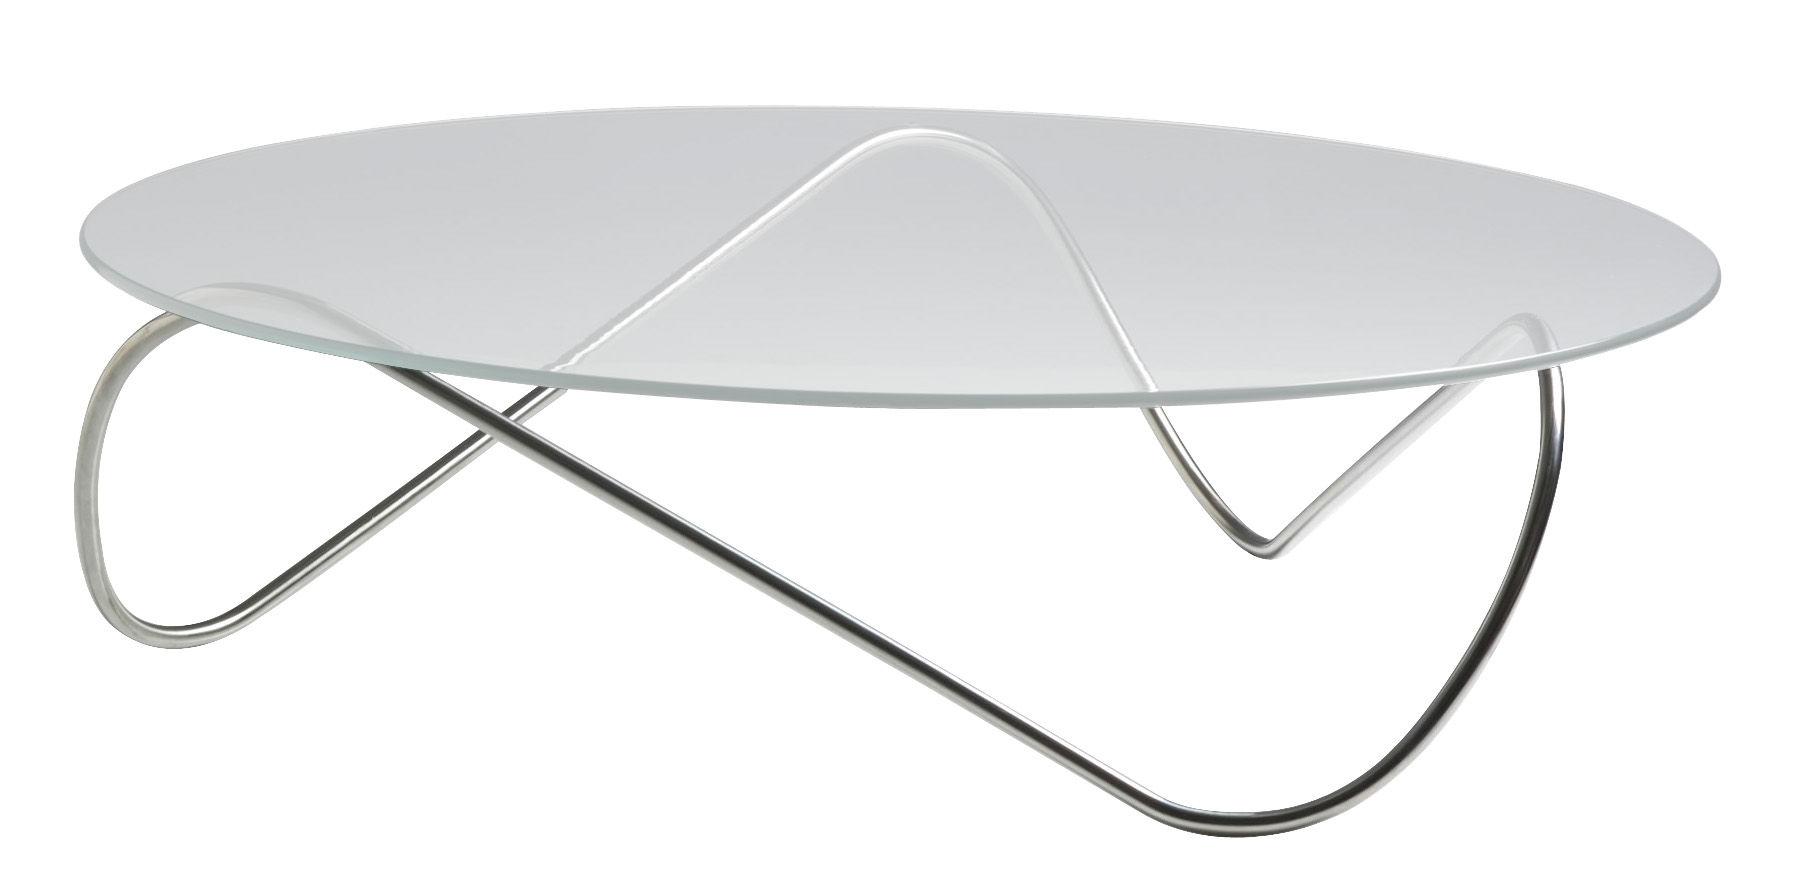 Möbel - Couchtische - Kaeko Couchtisch - Objekto - Gestell Edelstahl - Acier inoxydable poli recyclé, Einscheiben-Sicherheitsglas